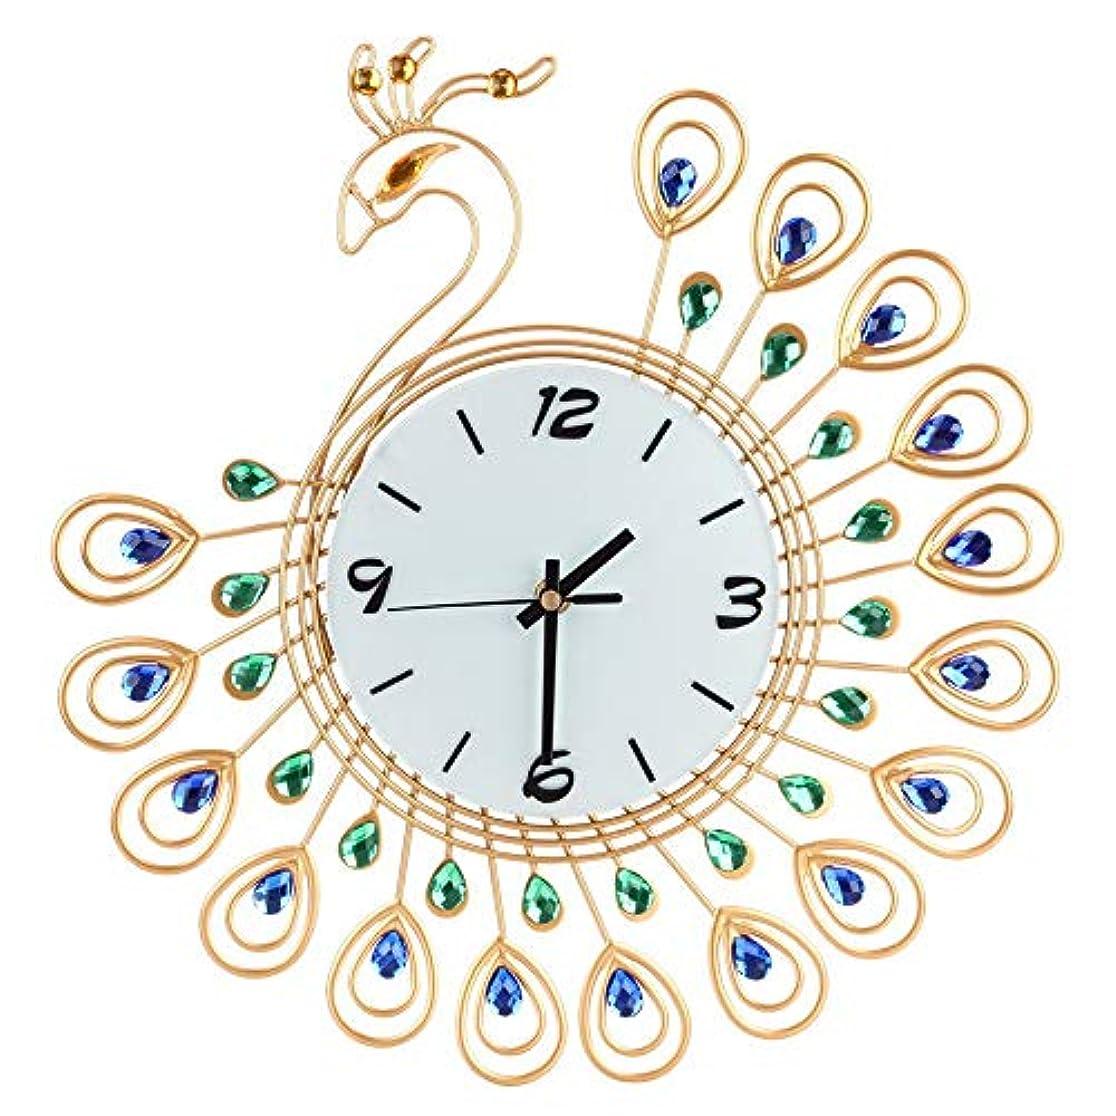 動詞合理的ゴルフルームオフィスのための壁時計の金属のラインストーンの家の装飾の孔雀の時計 (ゴールド)